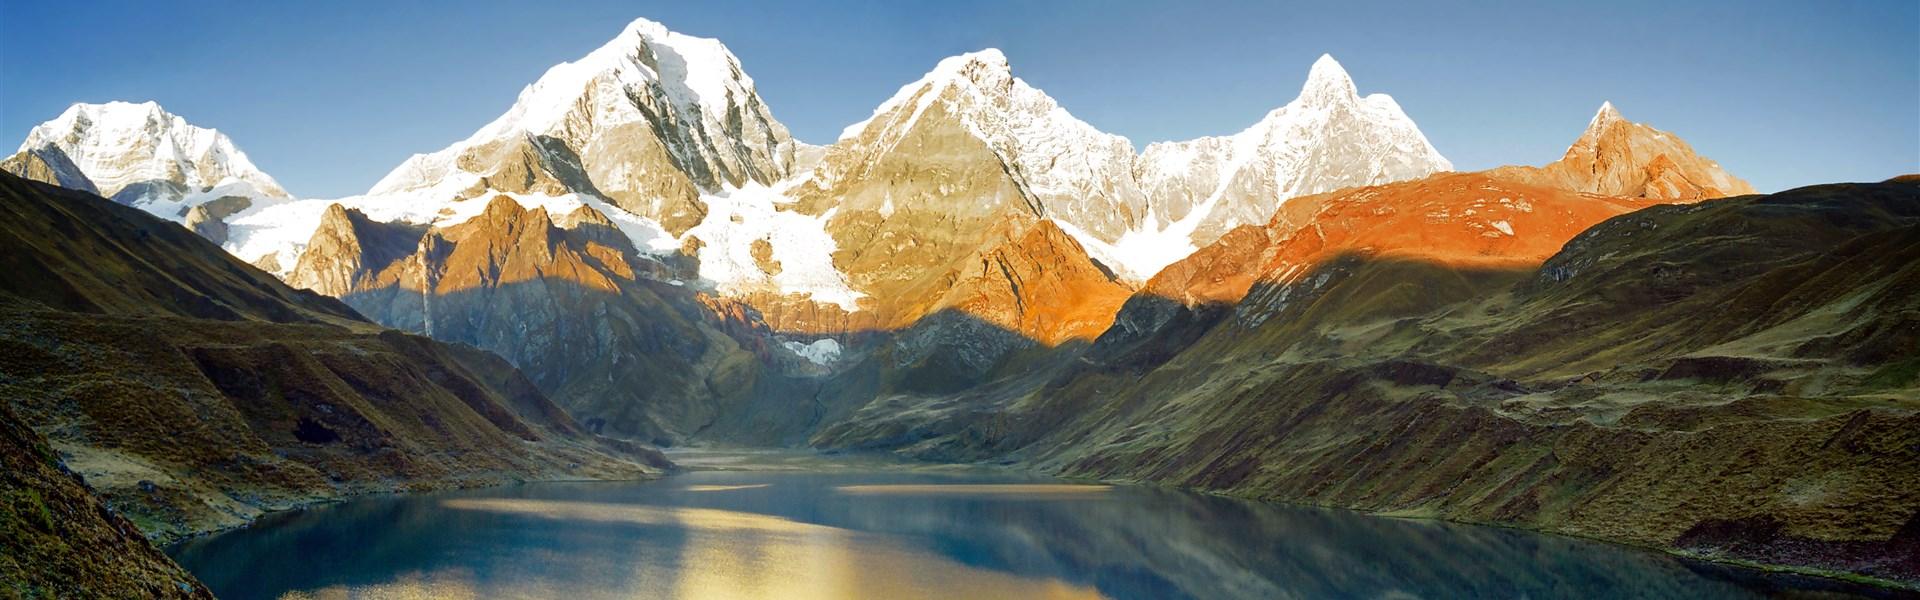 Peru Fly & Drive - napříč Peru za dobrodružstvím -